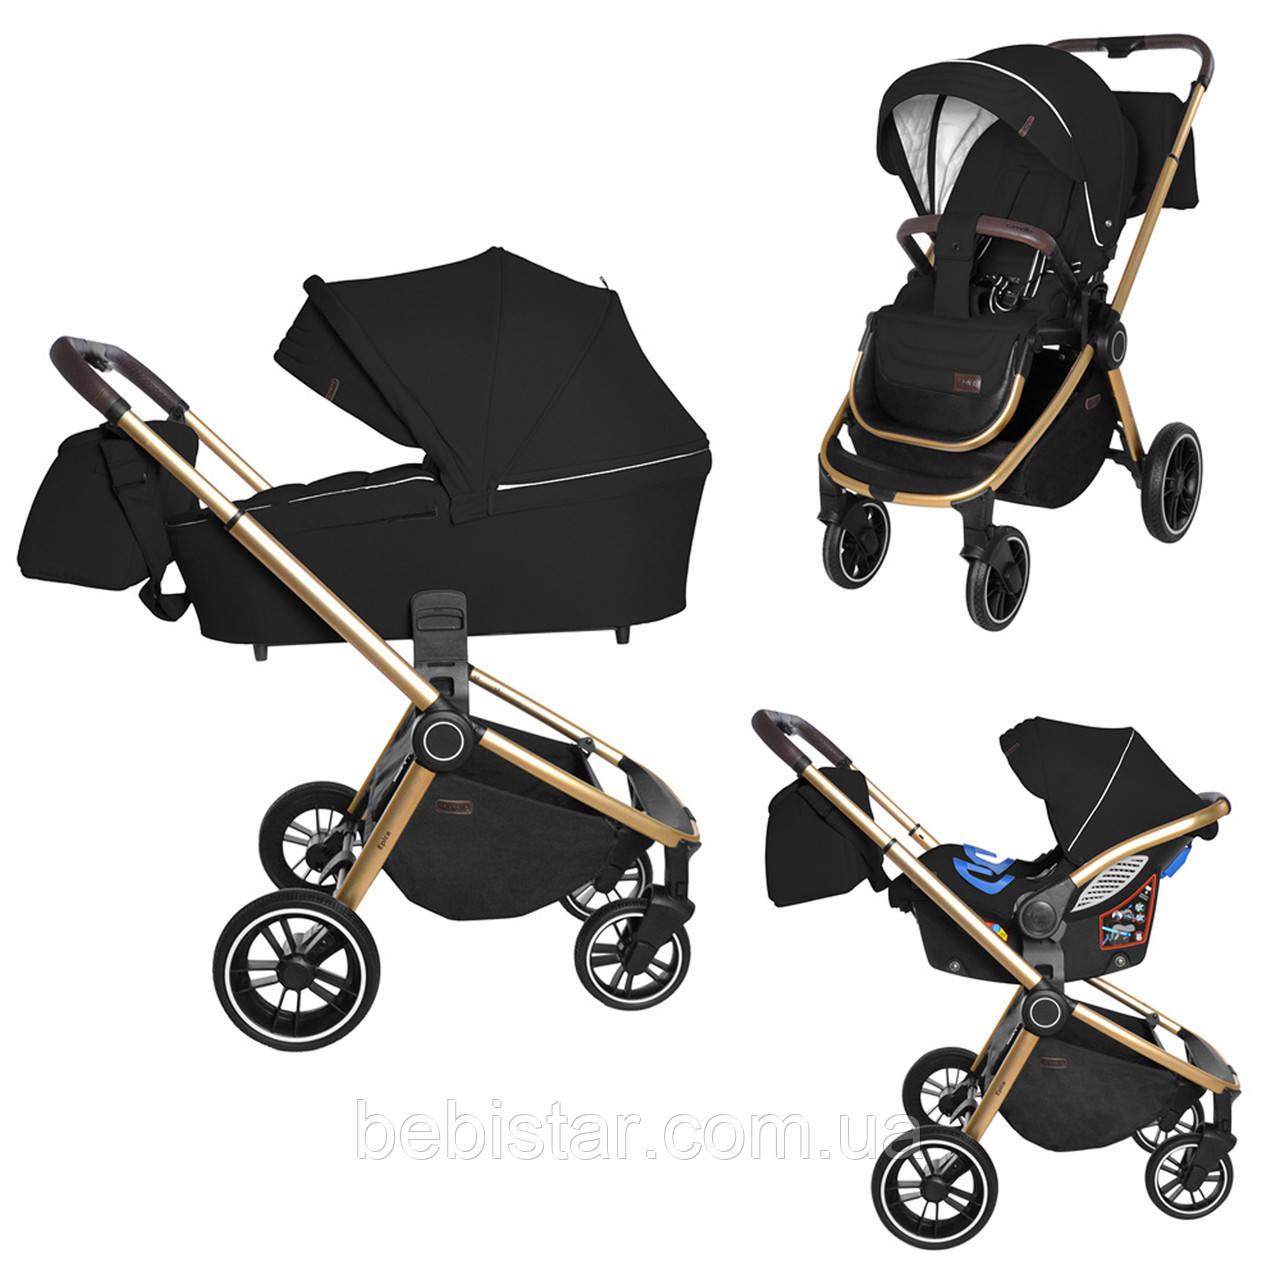 Универсальная детская коляска Carrello Epica 3 в 1 черная с автокреслом золотая рама люлька сумка дождевик